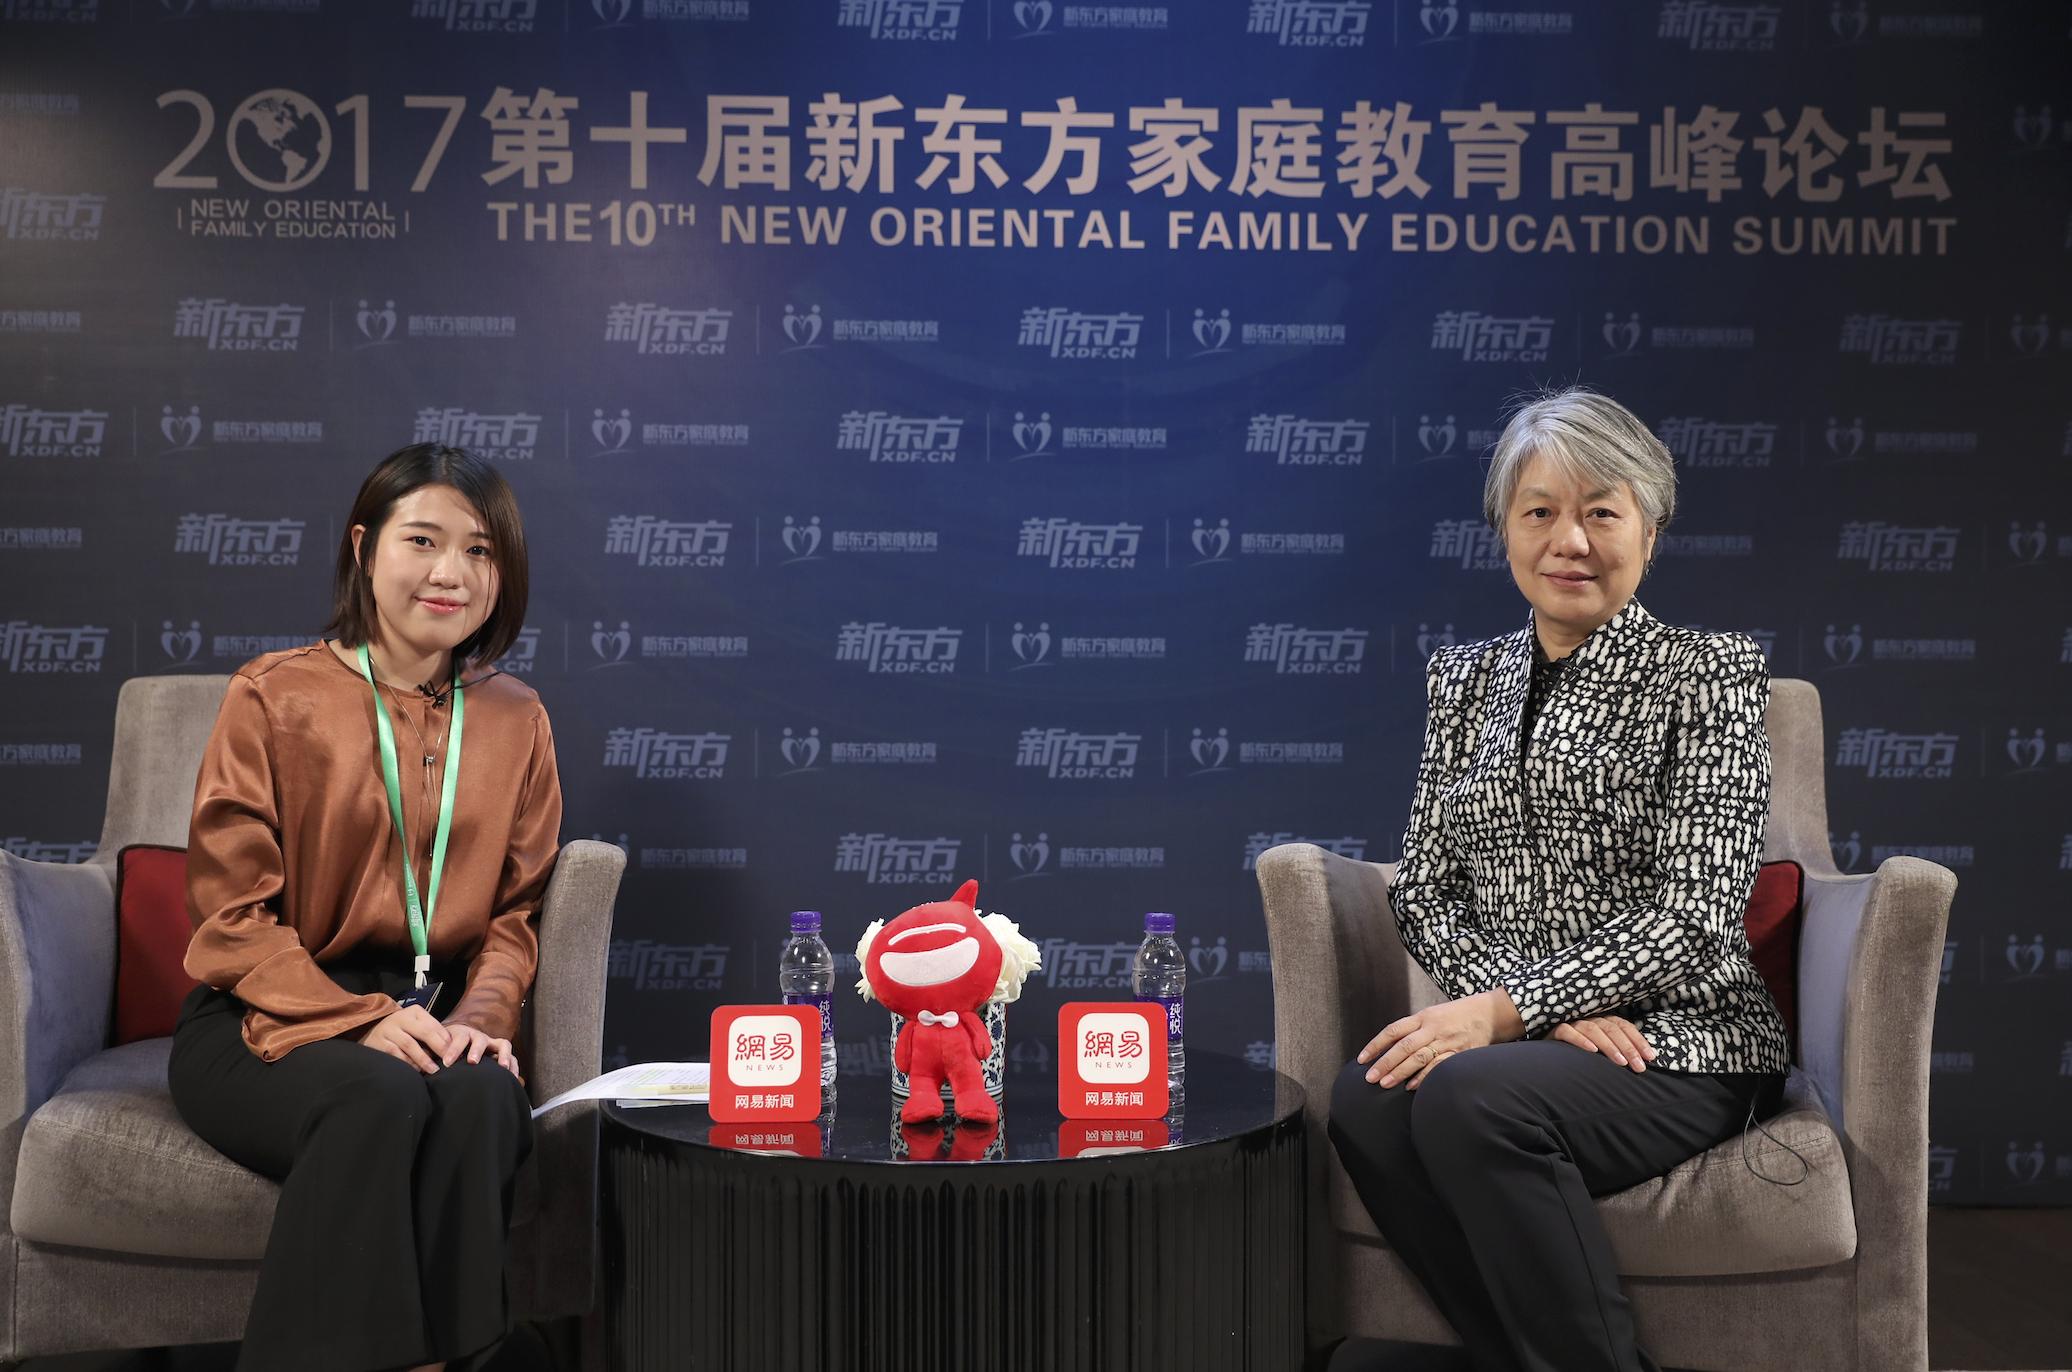 李玫瑾:父母亲自陪伴,孩子才能养成好性格